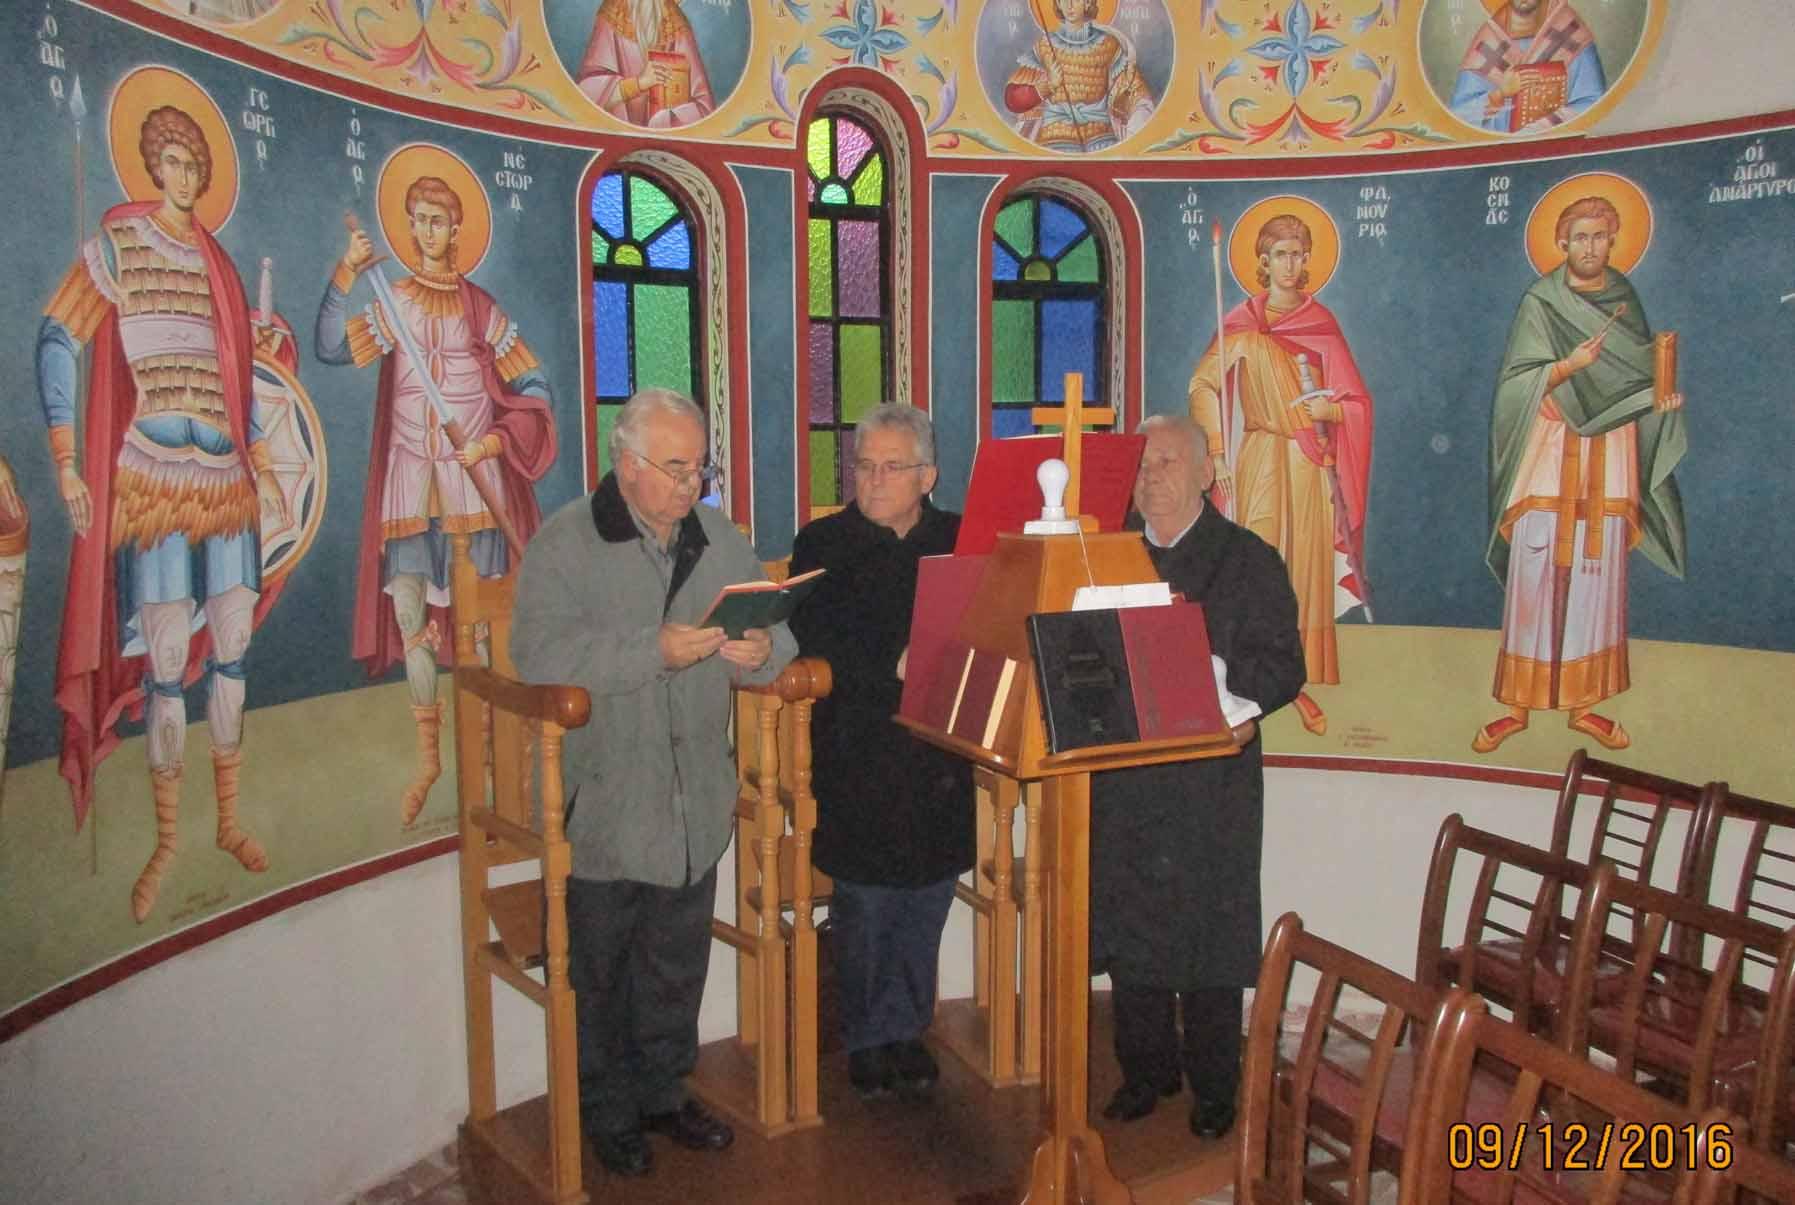 Με λαμπρότητα γιορτάστηκε η Αγία Άννα στο Βελβεντό (του παπαδάσκαλου Κωνσταντίνου Ι. Κώστα)